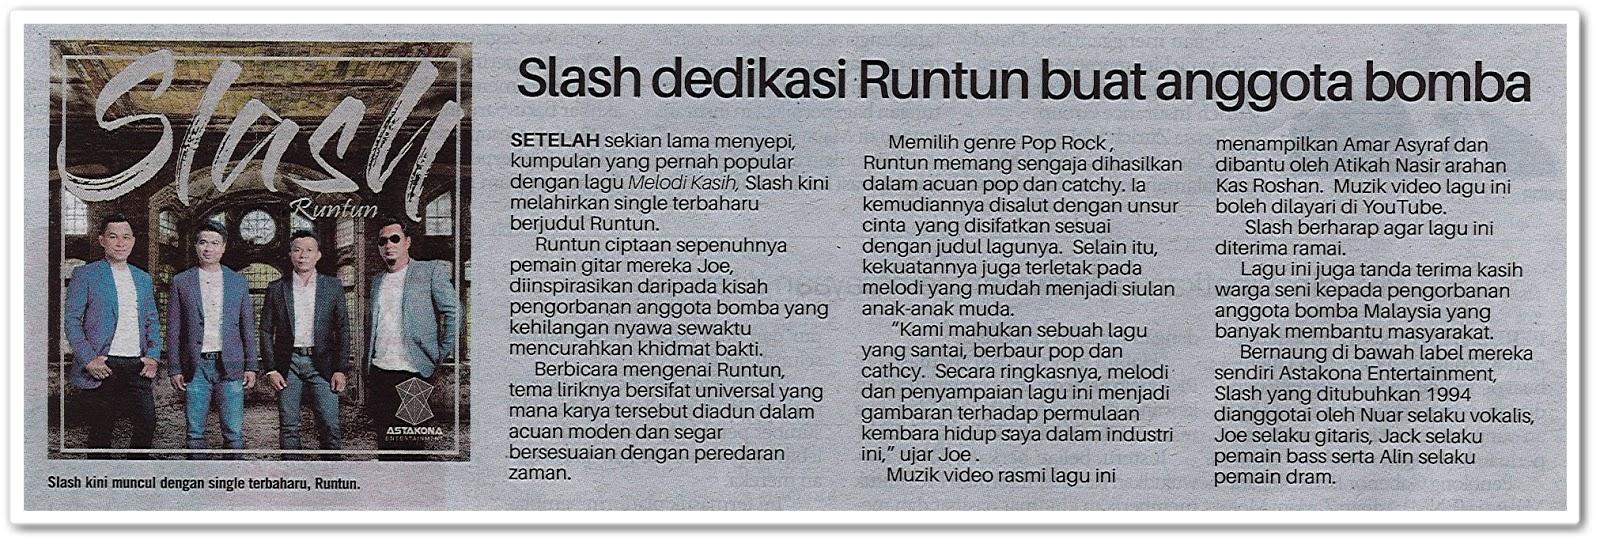 Slash dedikasi Runtun buat anggota bomba - Keratan akhbar Sinar Harian 17 Julai 2019